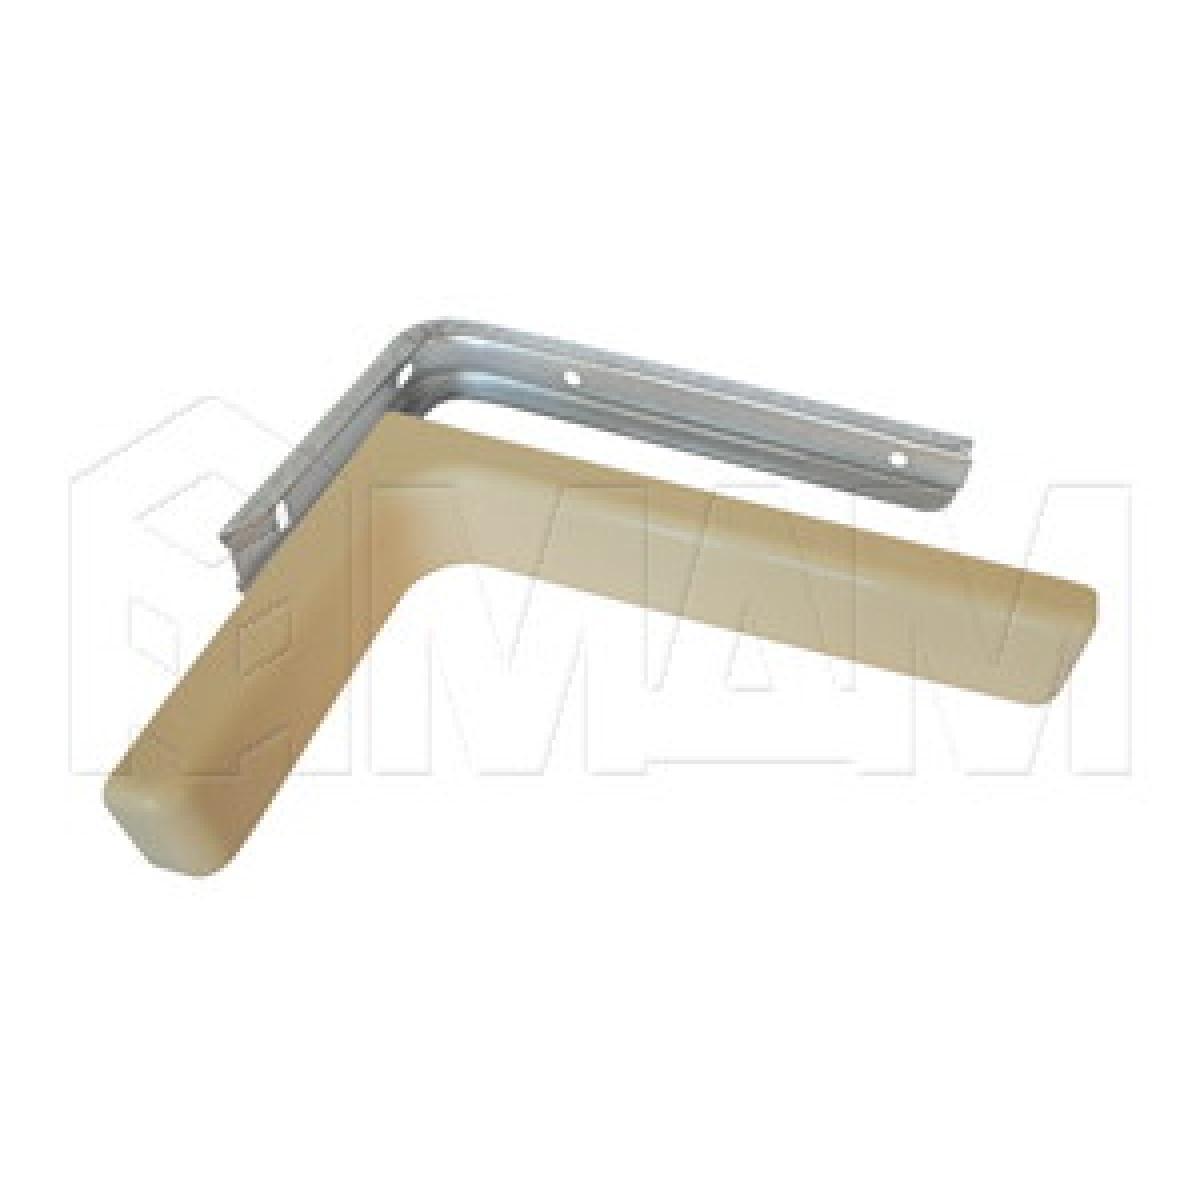 CORNER Менсолодержатель для деревянных полок с декоративной накладкой L-180 мм, светло-бежевый (2 шт.)